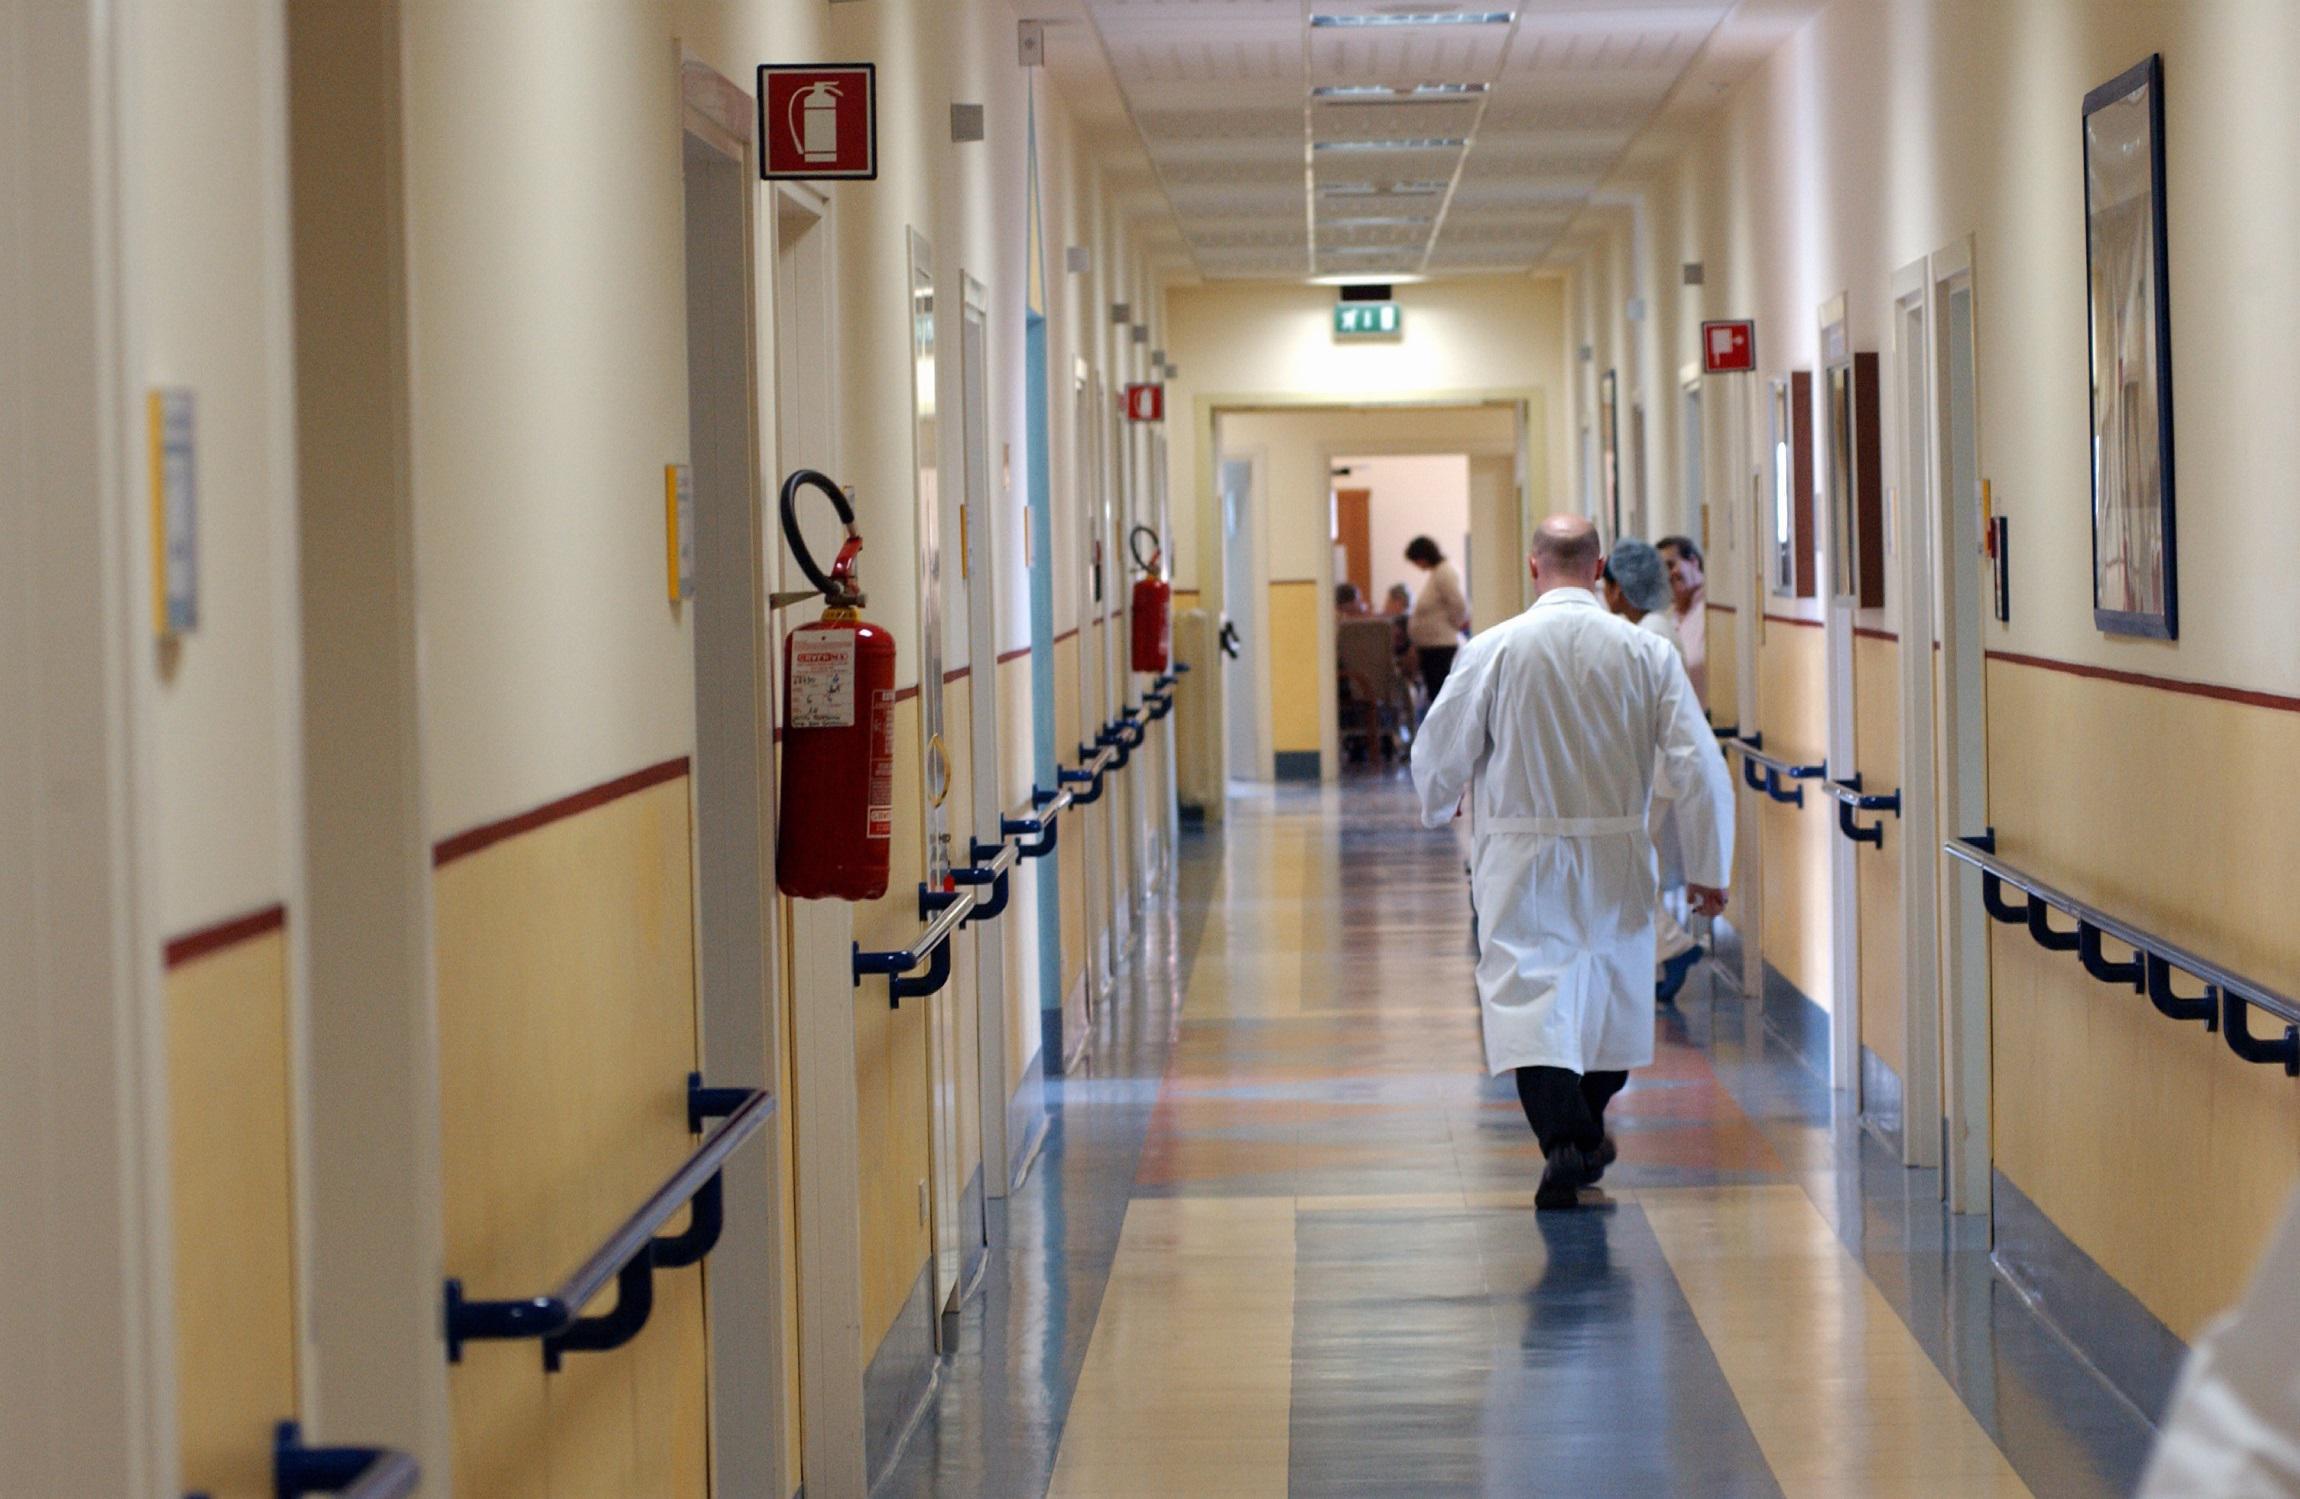 Sanità, nuovo sistema di pulizia abbatte infezioni ospedaliere